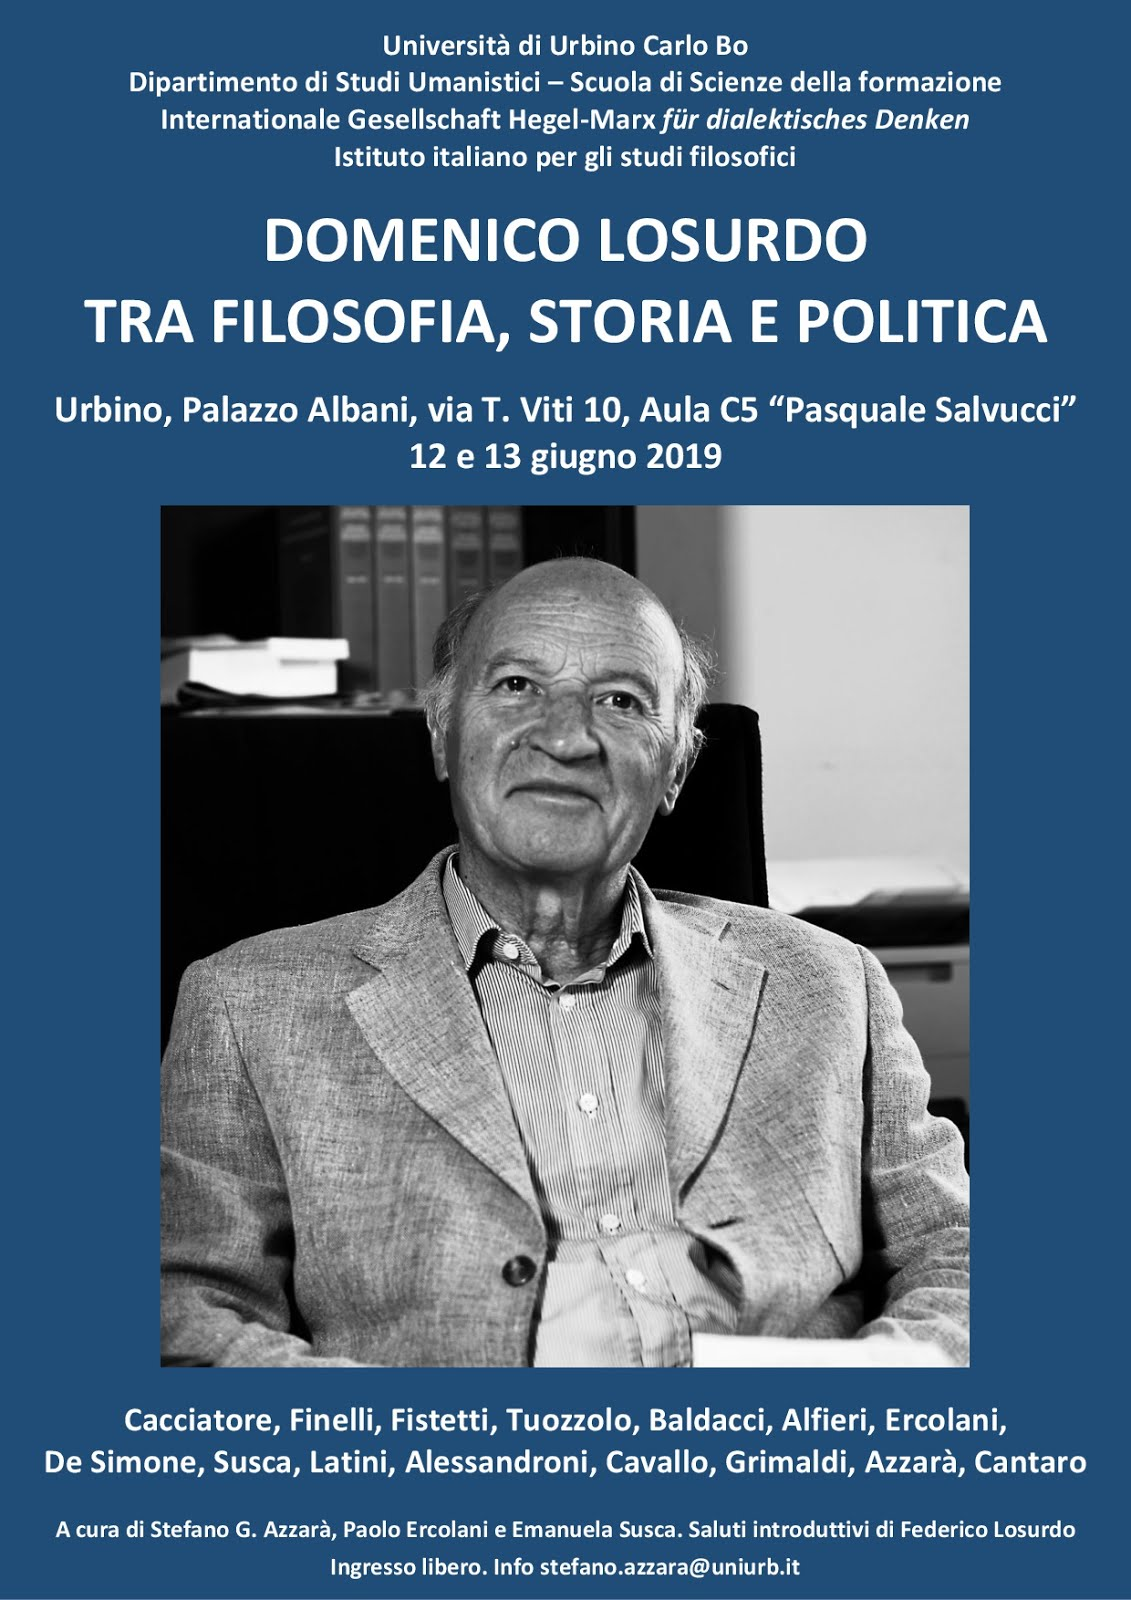 Domenico Losurdo tra filosofia, storia e politica